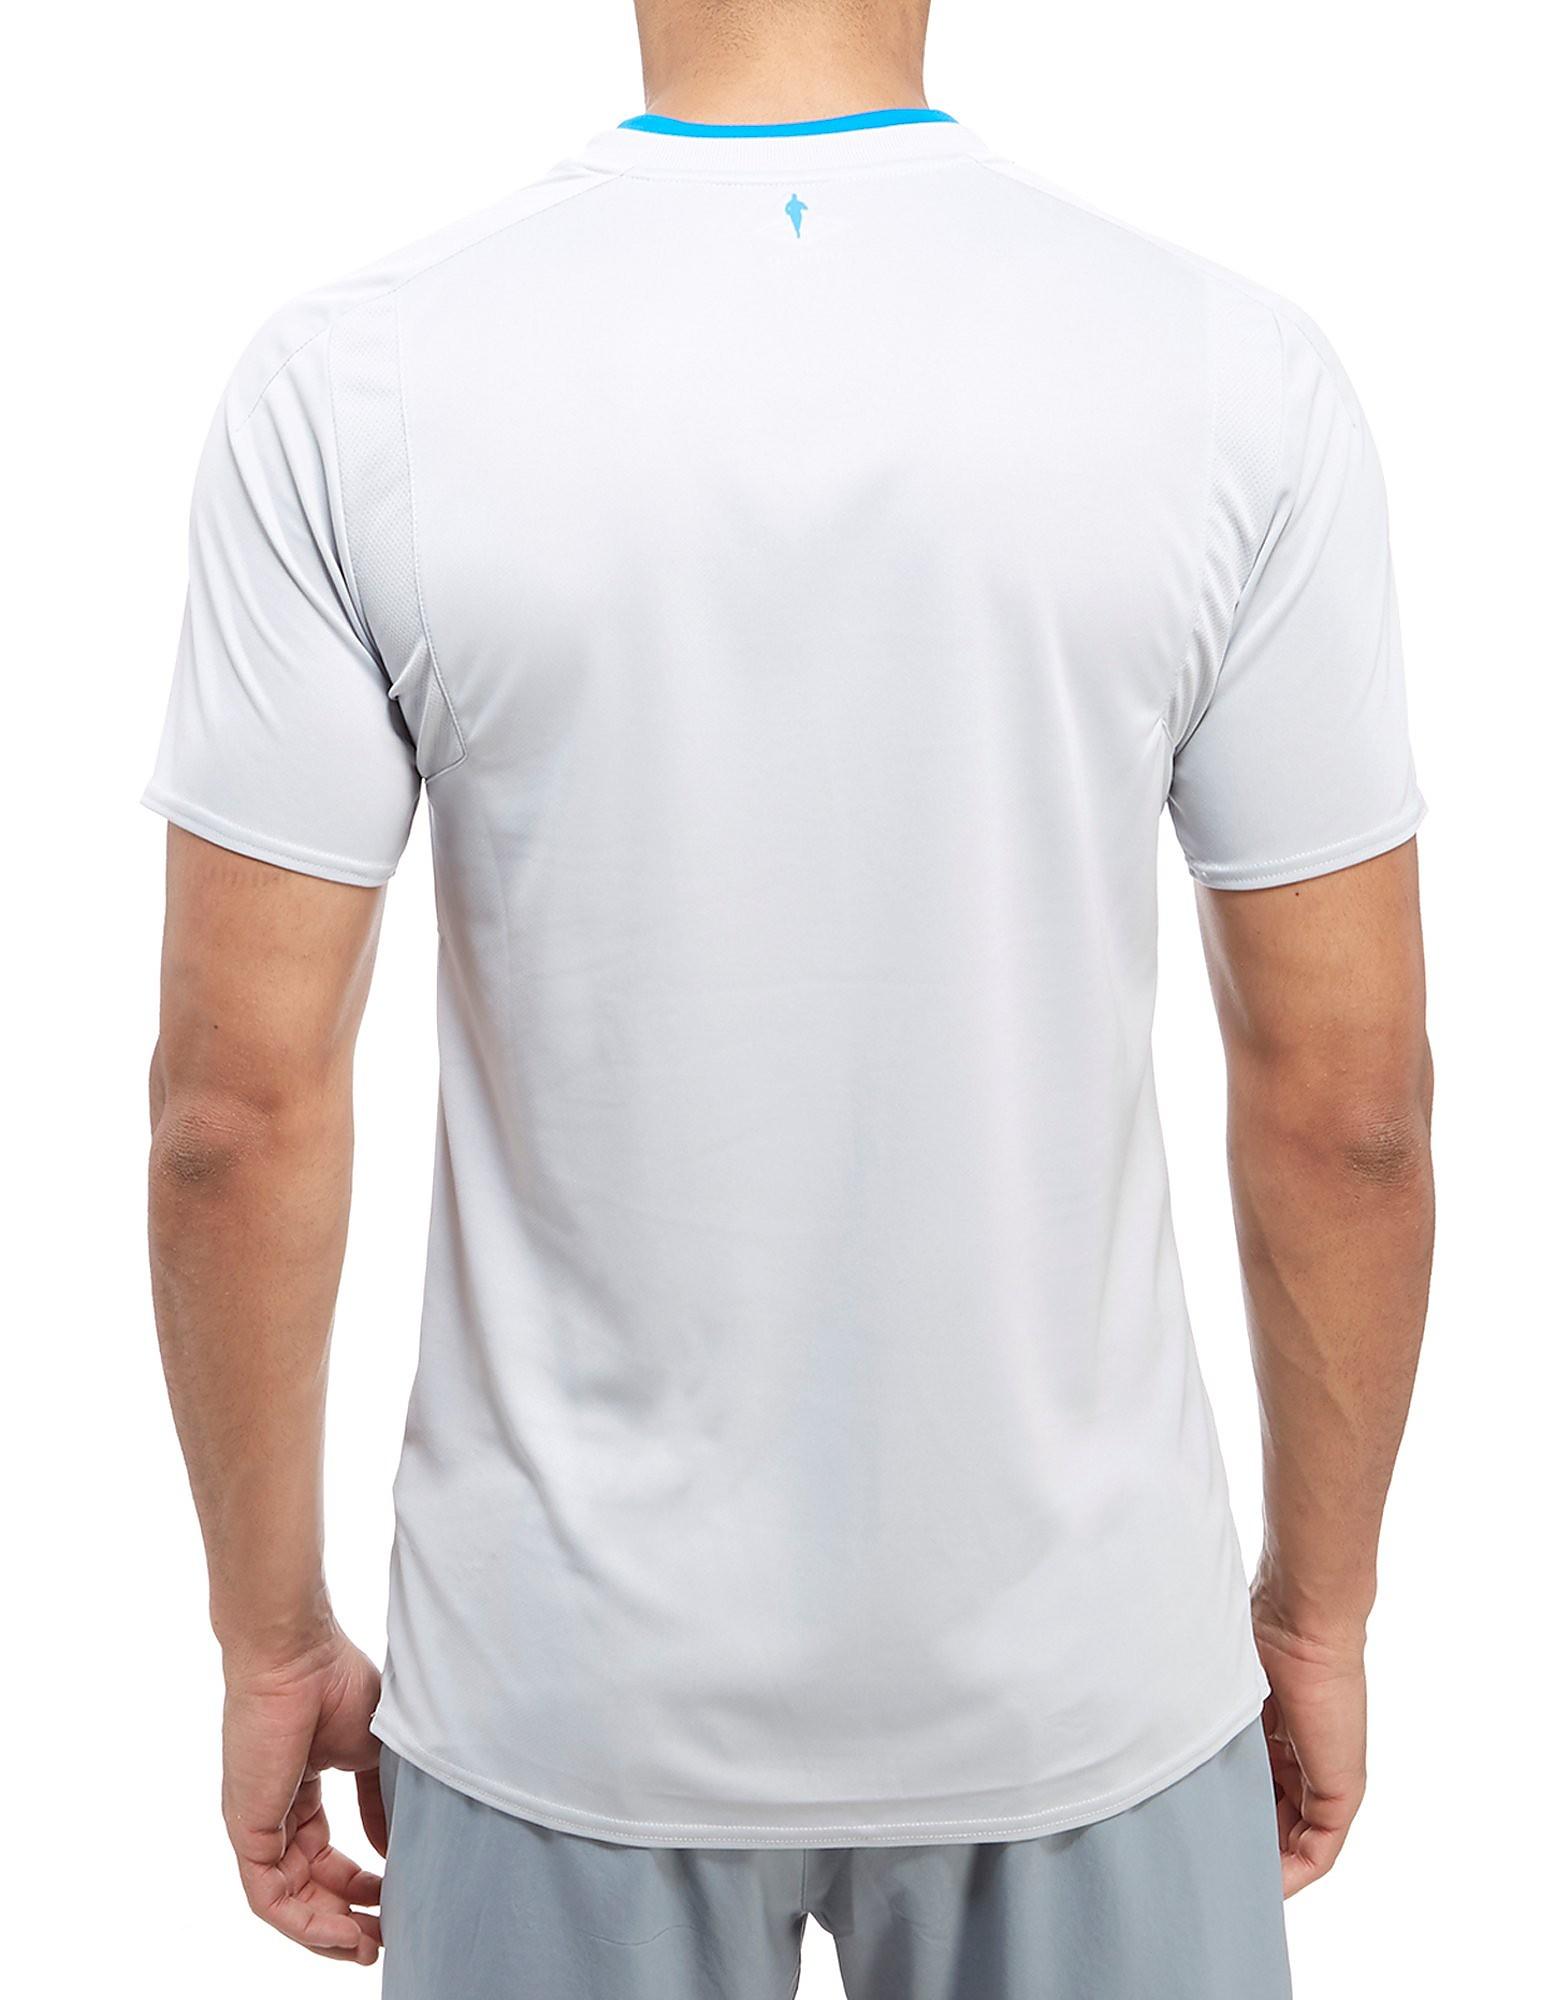 Umbro Everton FC 2017/18 Away Shirt